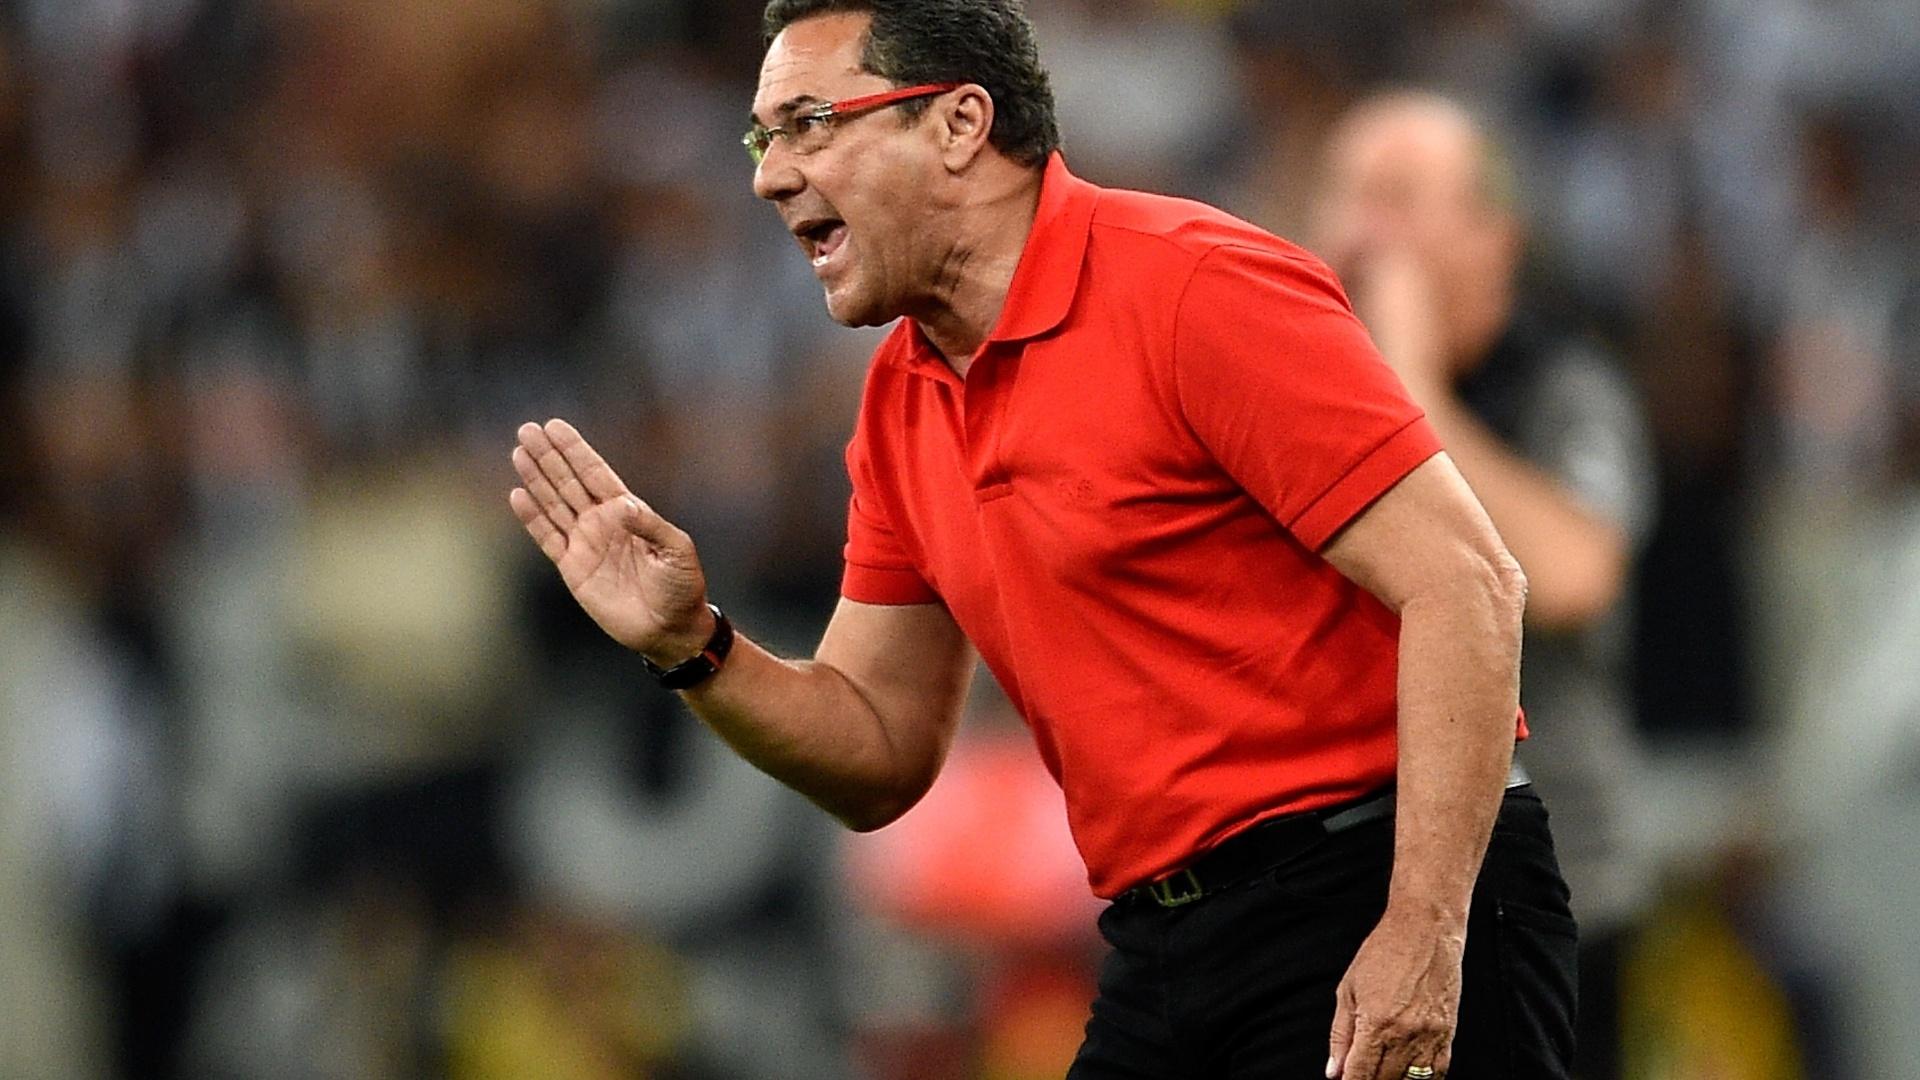 Luxemburgo orienta jogadores do Flamengo contra o Atlético-MG pela Copa do Brasil